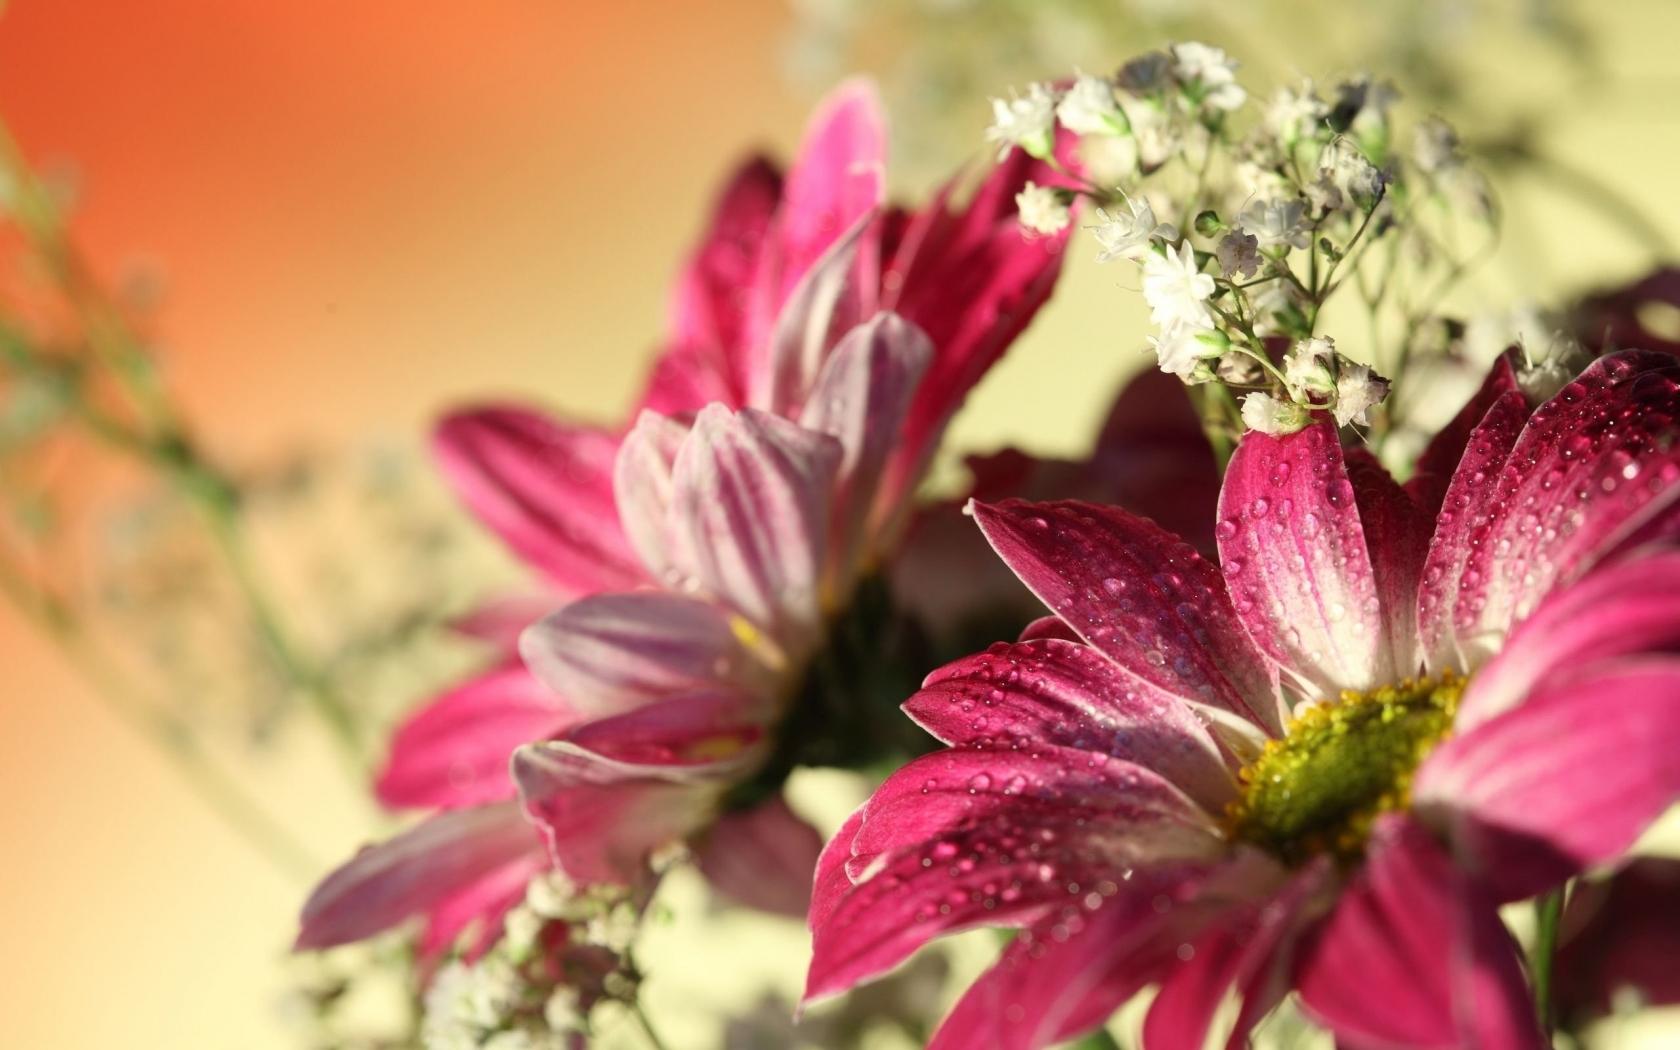 Flores con lente macro - 1680x1050